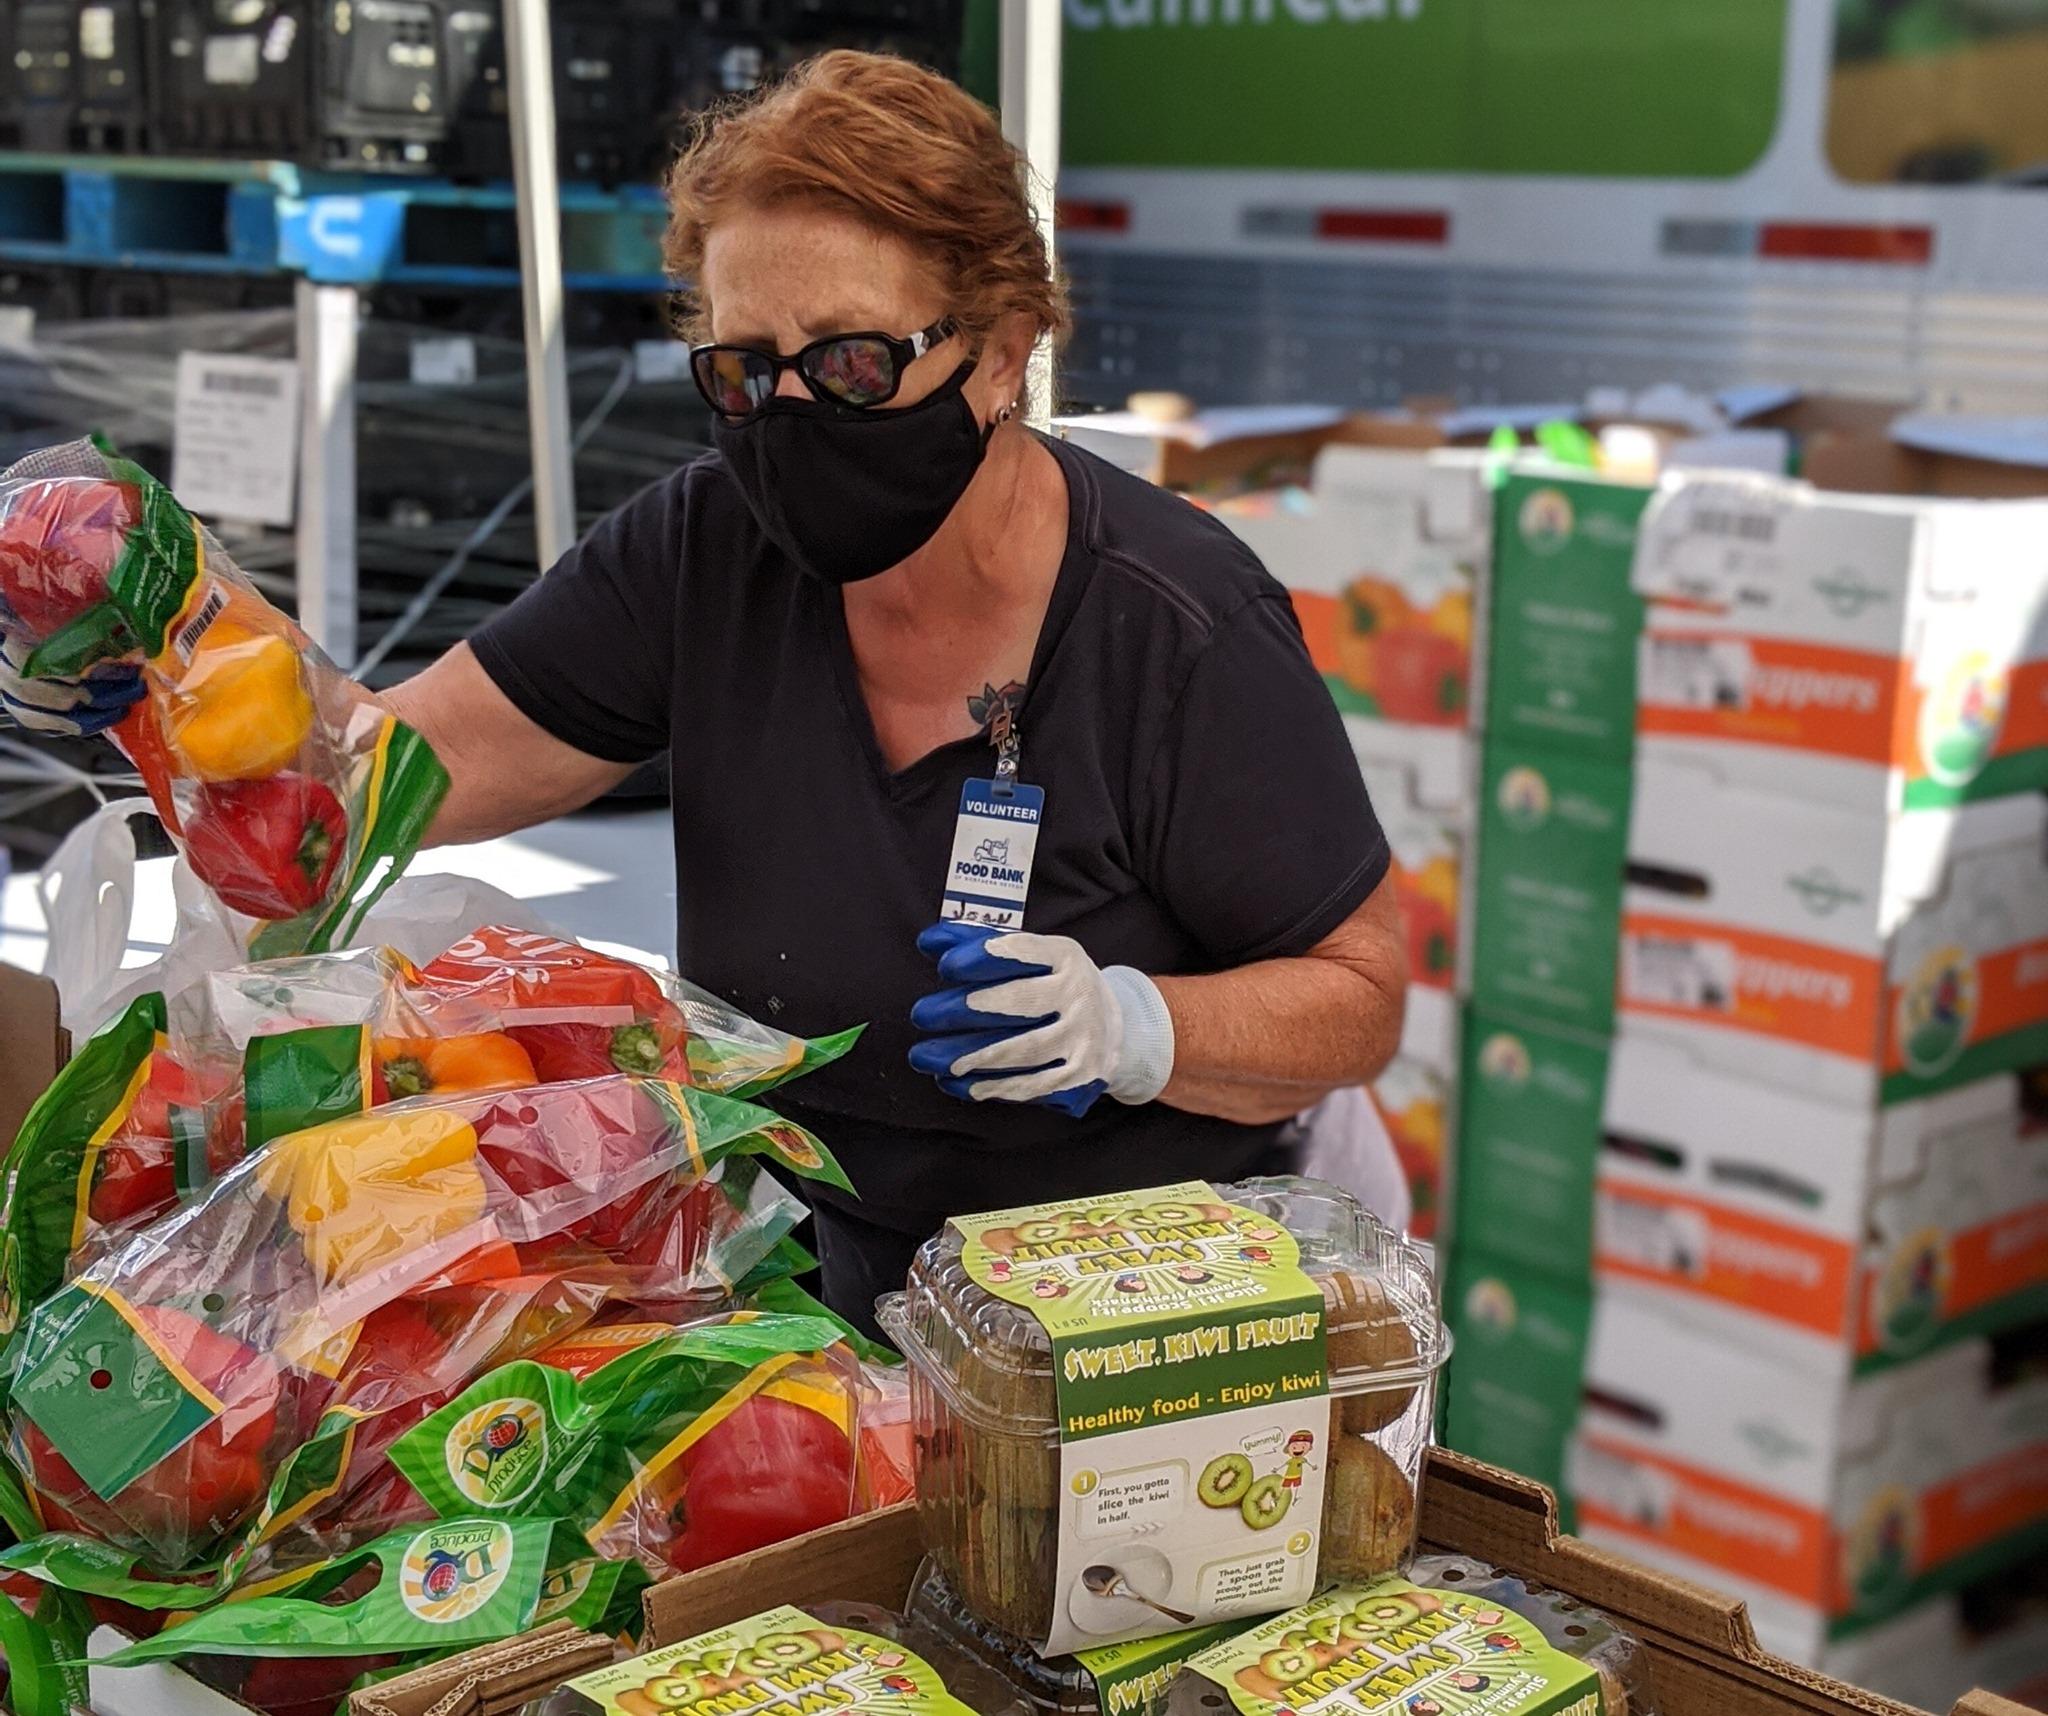 Una mujer desempaca una caja de tomates para una distribución de productos frescos.